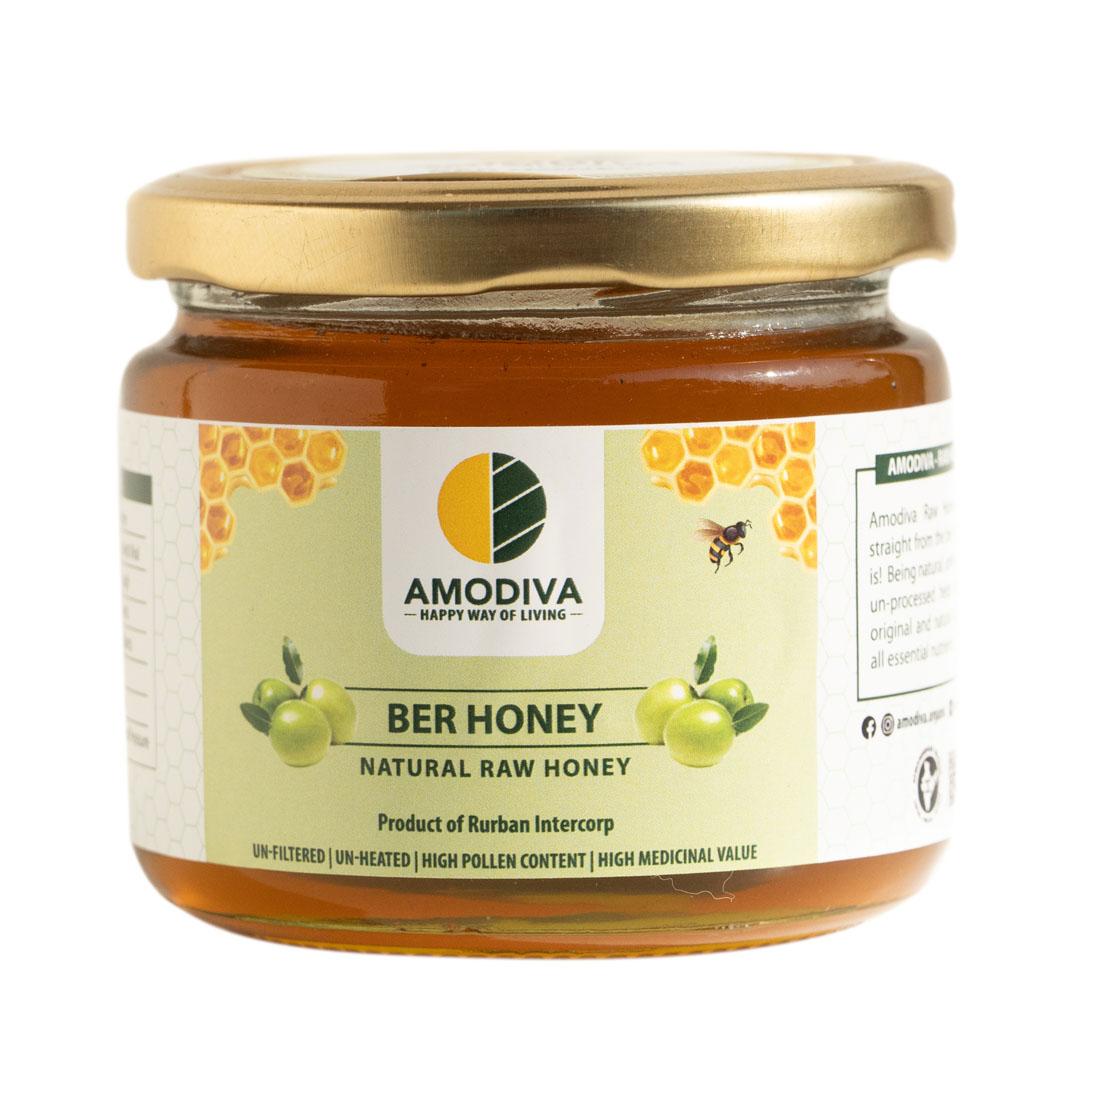 Natural Raw Honey Ber 350 gm